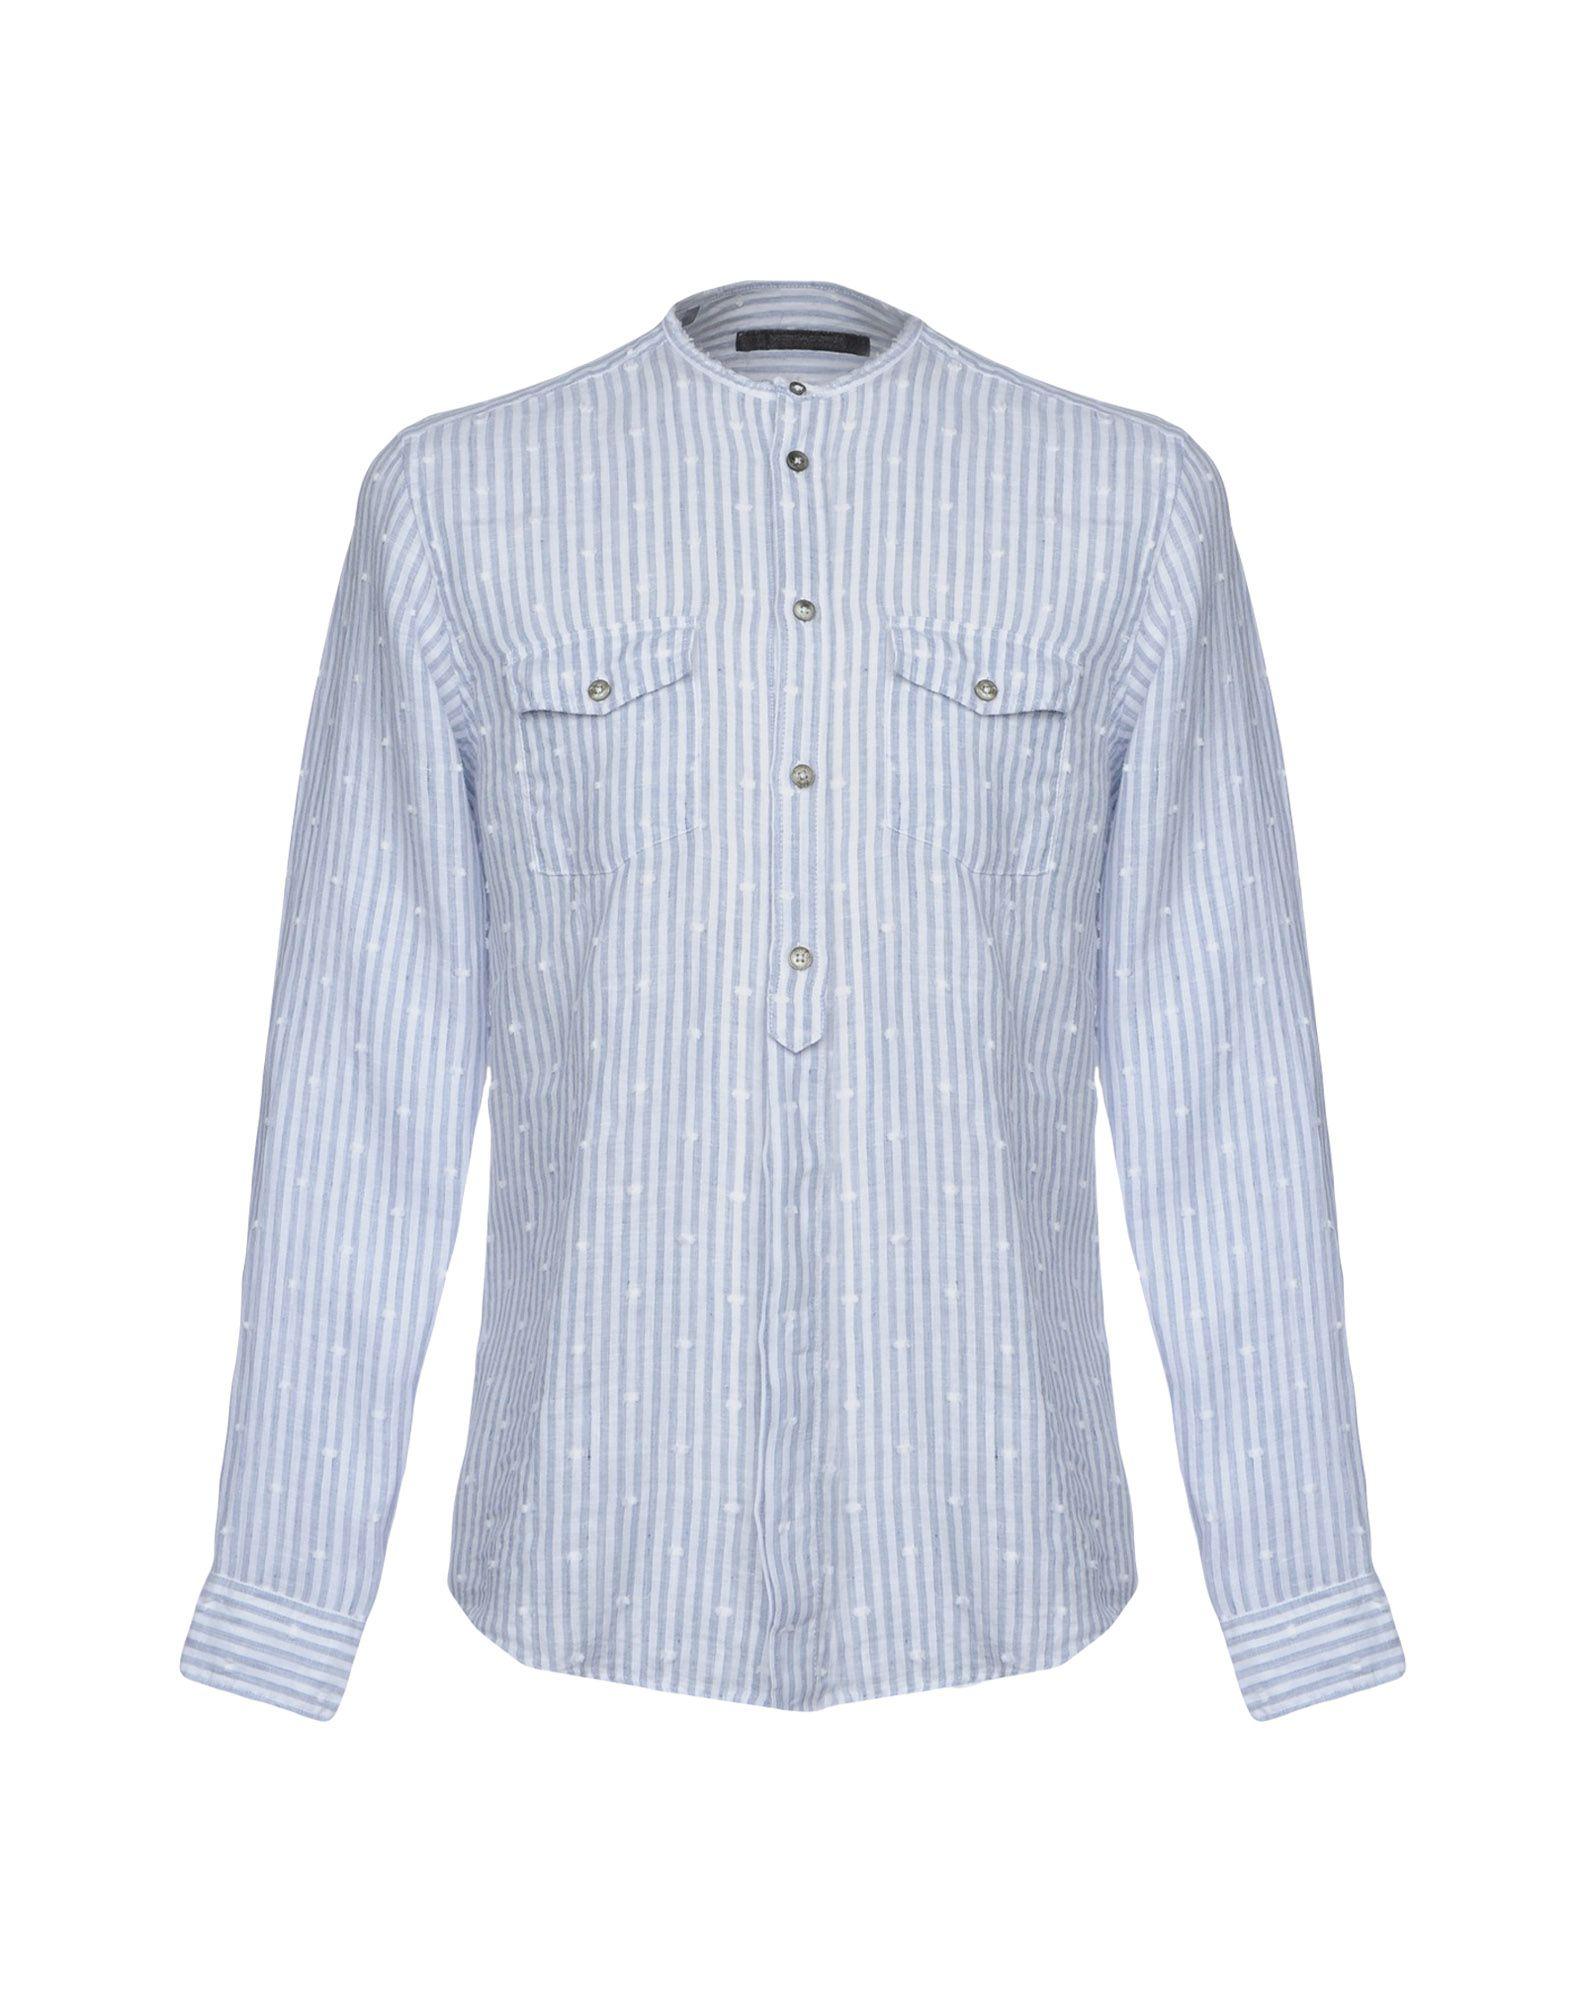 Camicia Camicia Camicia A Righe Messagerie Uomo - 38711613MW 9d7e02